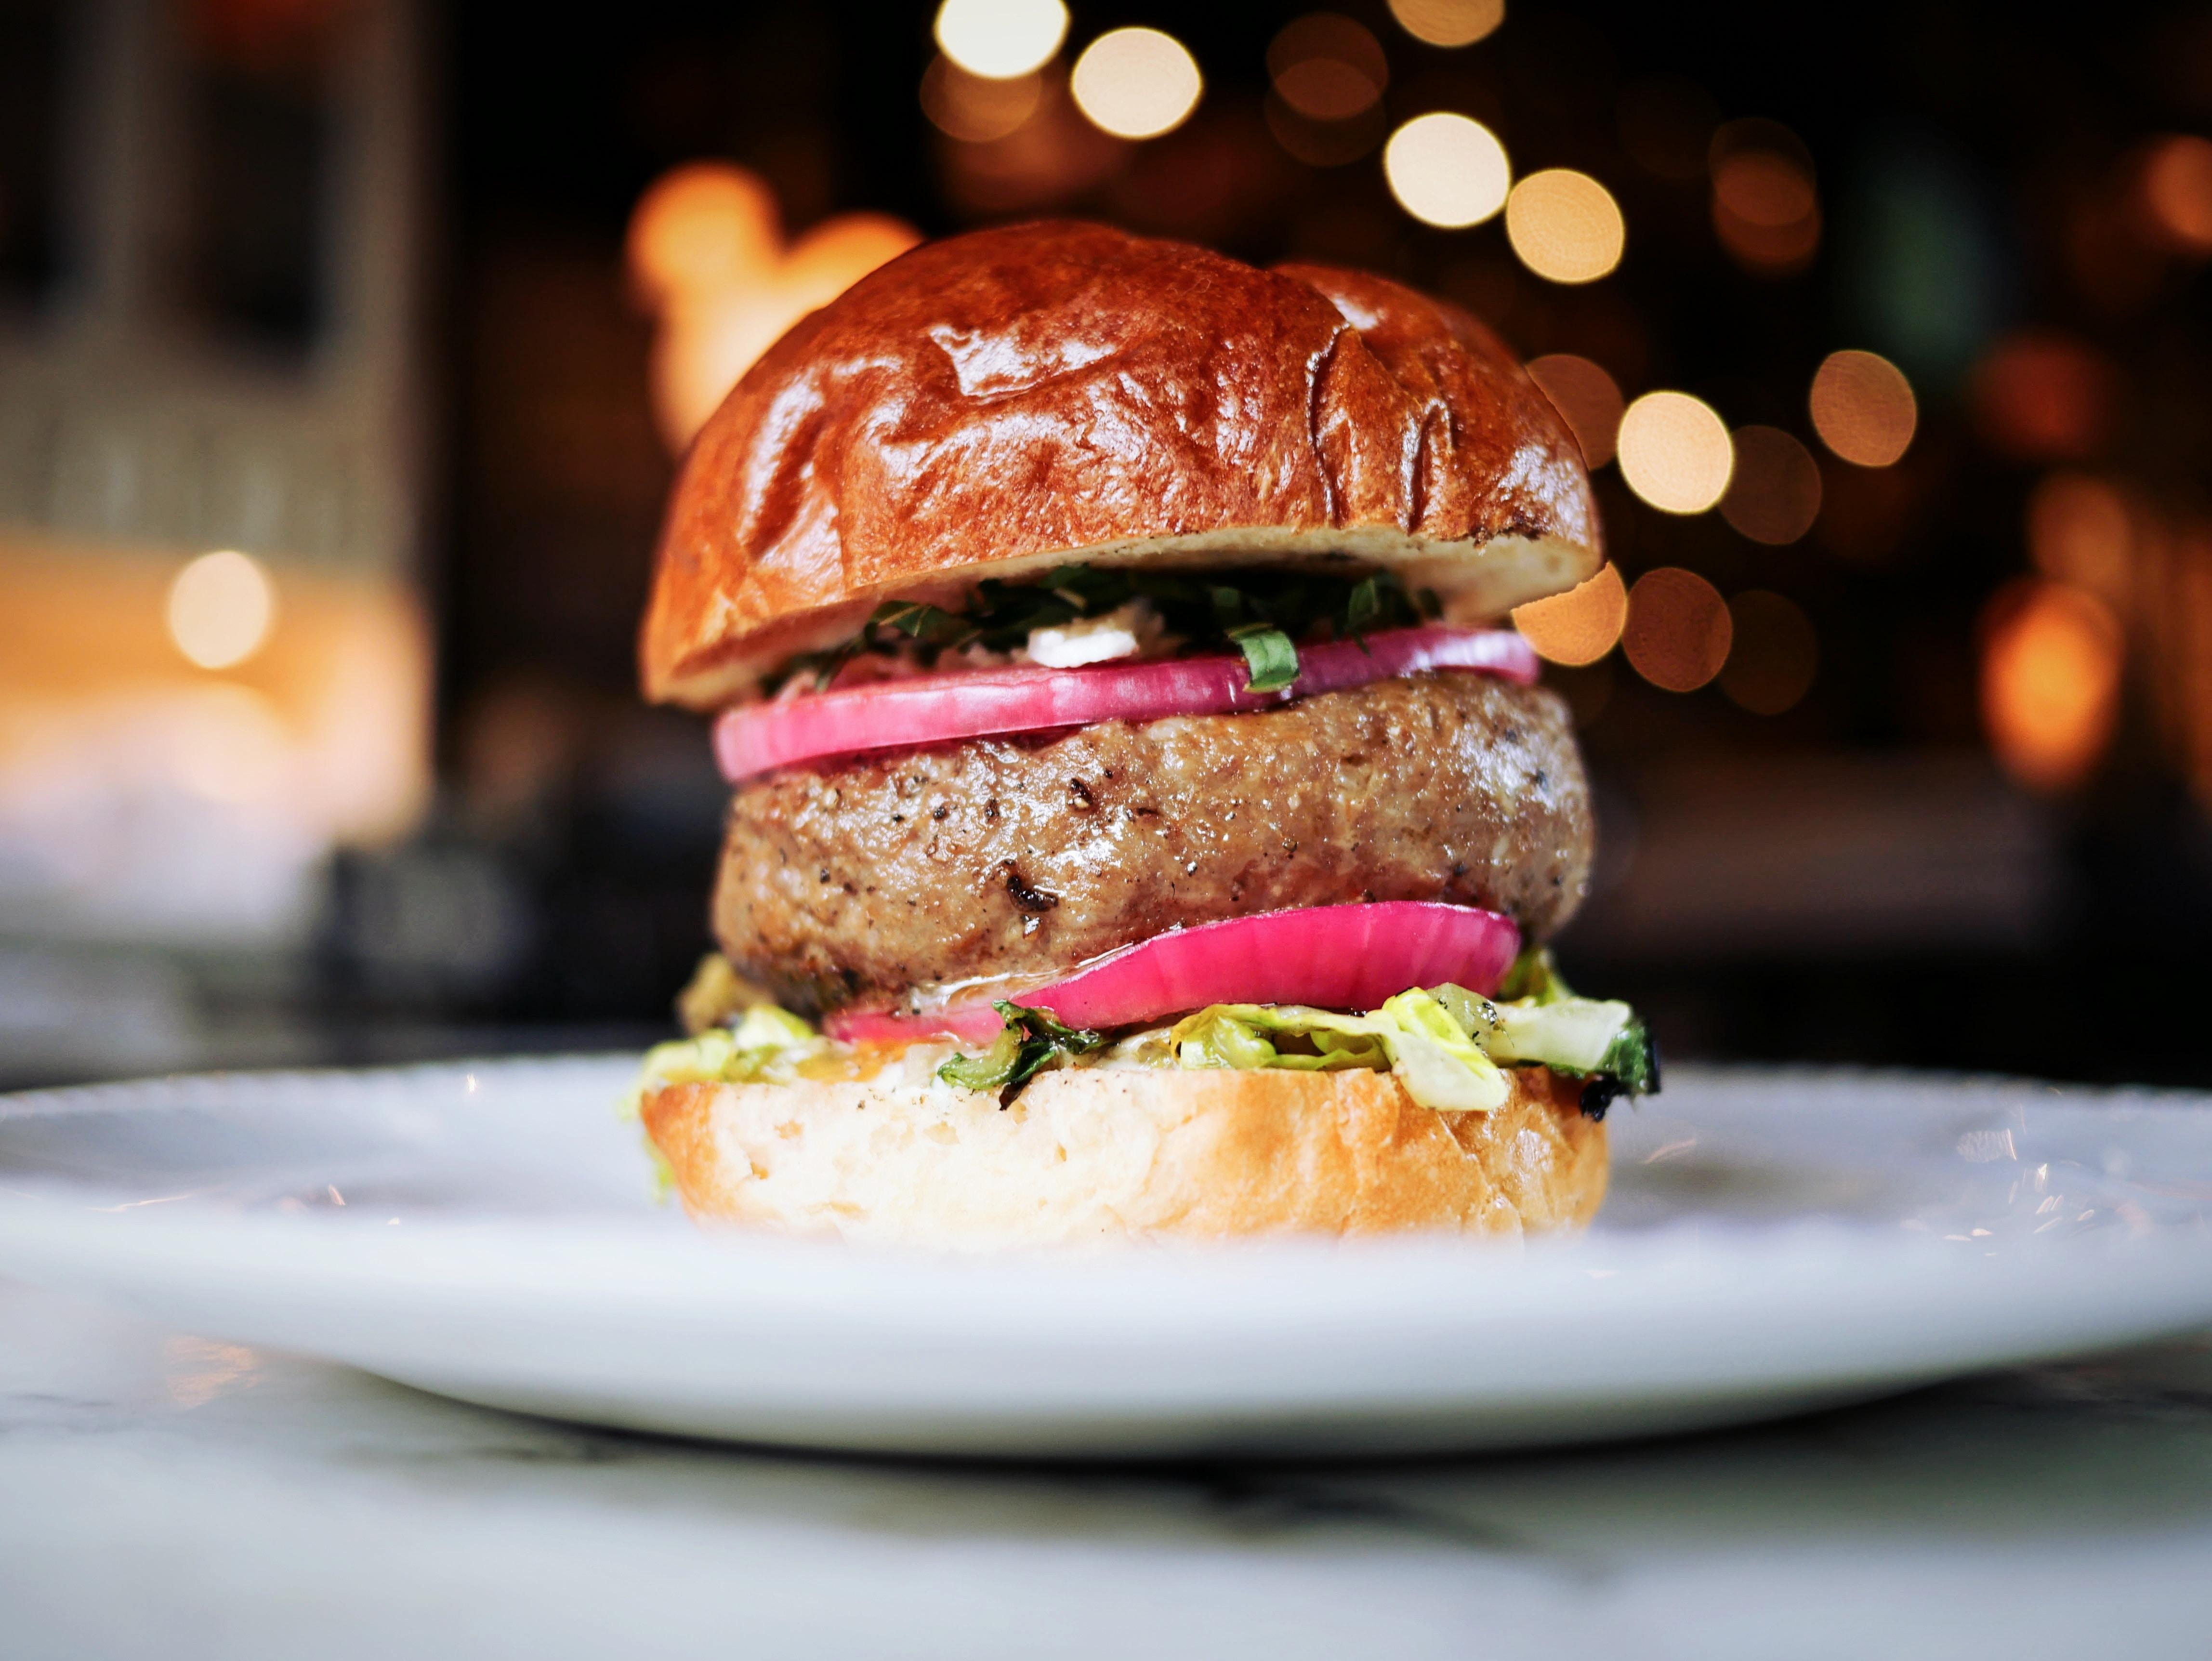 ゴーディーズは北谷の本格アメリカンハンバーガー屋!人気&おすすめメニューは?